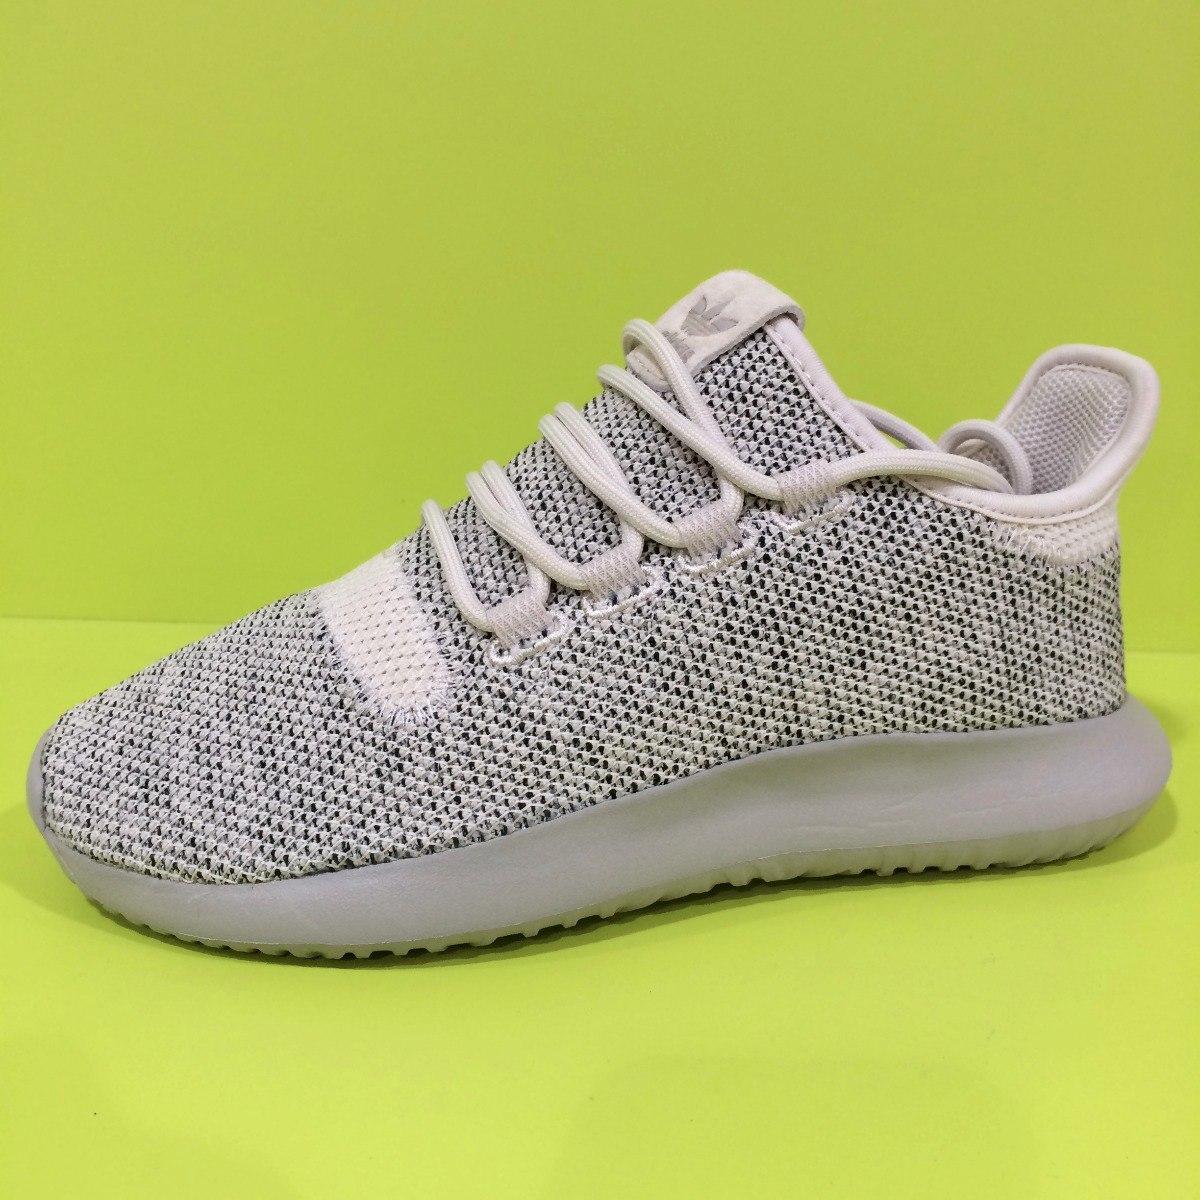 sale retailer c9af1 2a43f Zapatos Originales adidas Tubular Shadow - Damas - Bb8877